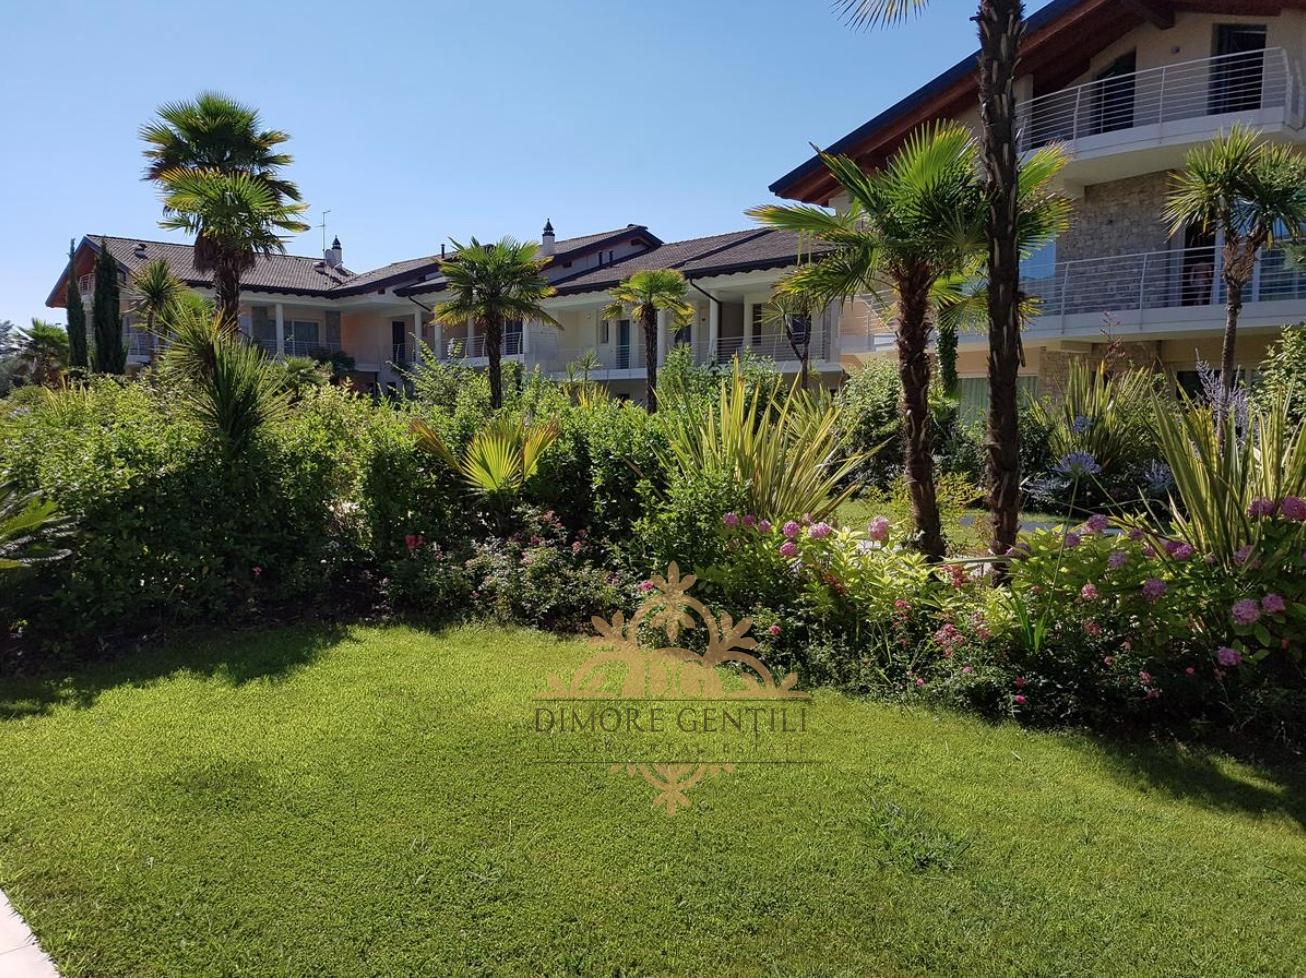 Appartamento in vendita a Sirmione, 5 locali, Trattative riservate | PortaleAgenzieImmobiliari.it